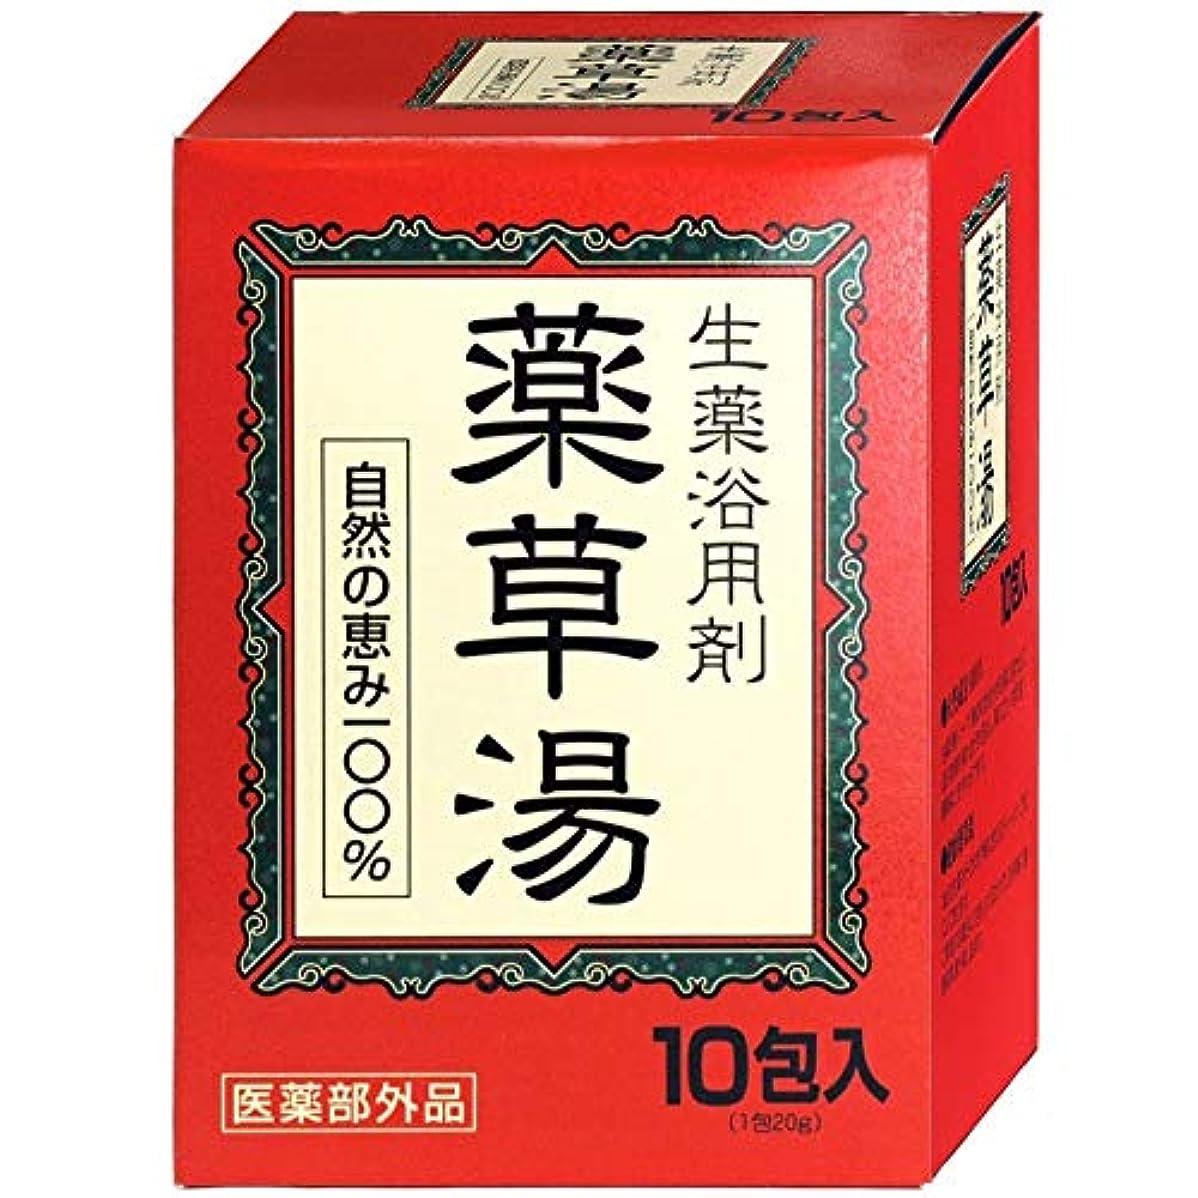 事故立場特別にVVN生薬入浴剤薬草湯10包×(10セット)